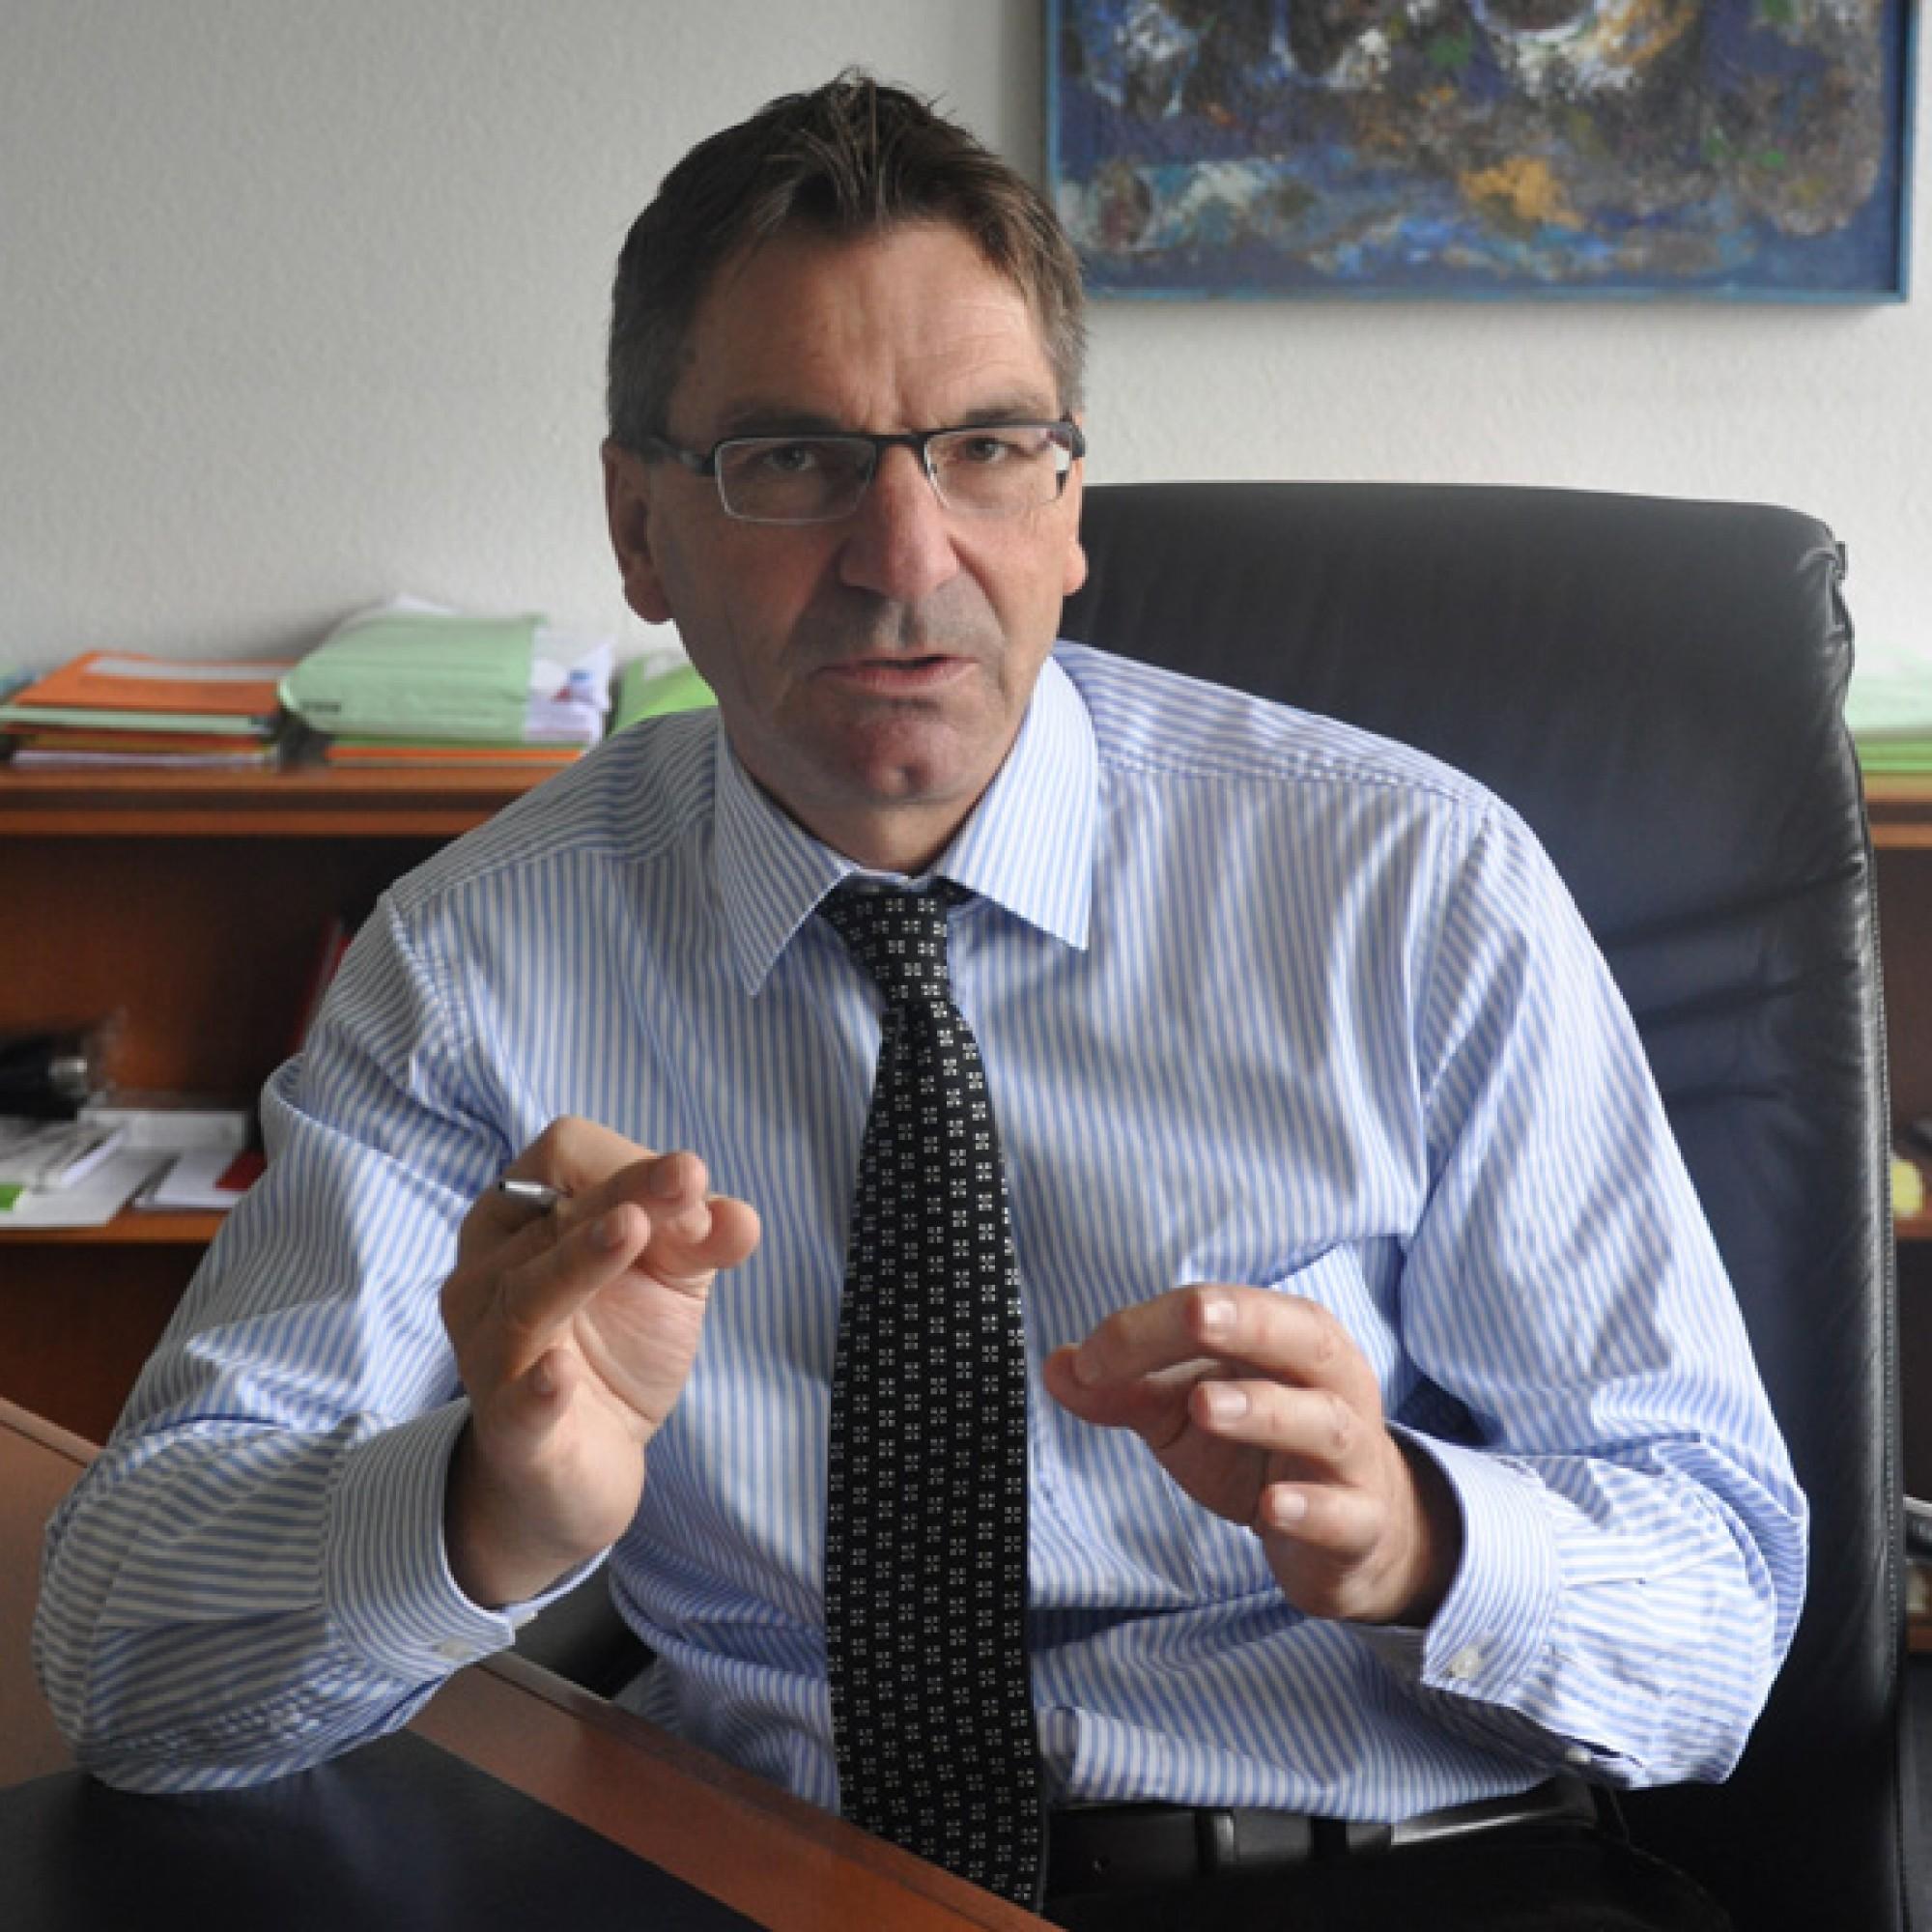 Martin A. Senn, Vizedirektor des Schweizerischen Baumeisterverbands, im Gespräch mit bauwelt.ch. (SBV)